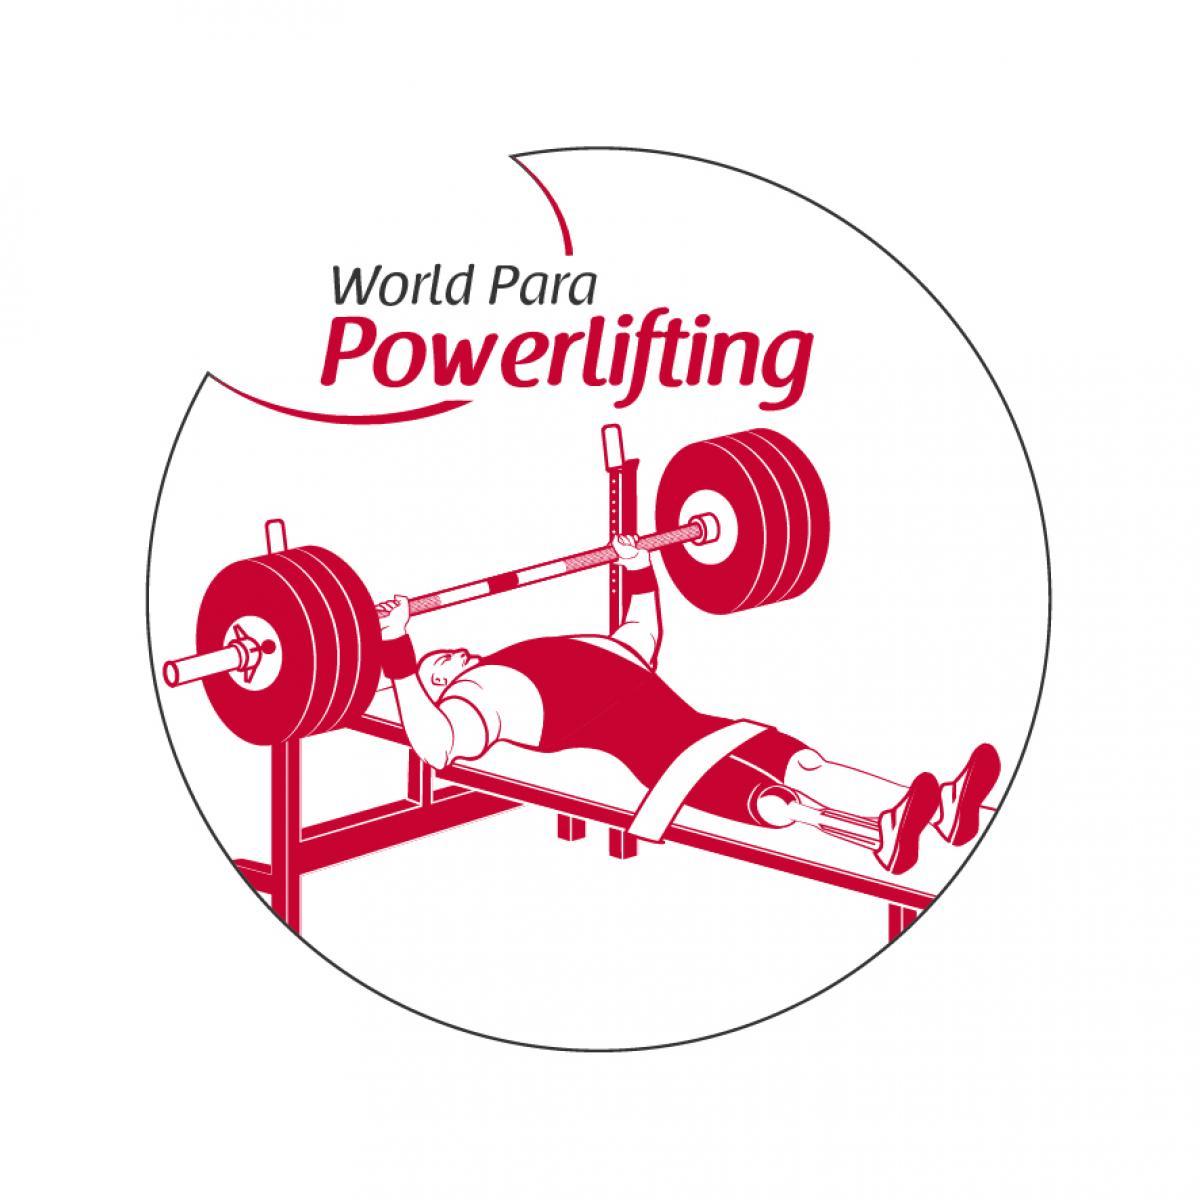 World Para Powerlifting запускает свои первые онлайн соревнования «Raise the Bar Together»